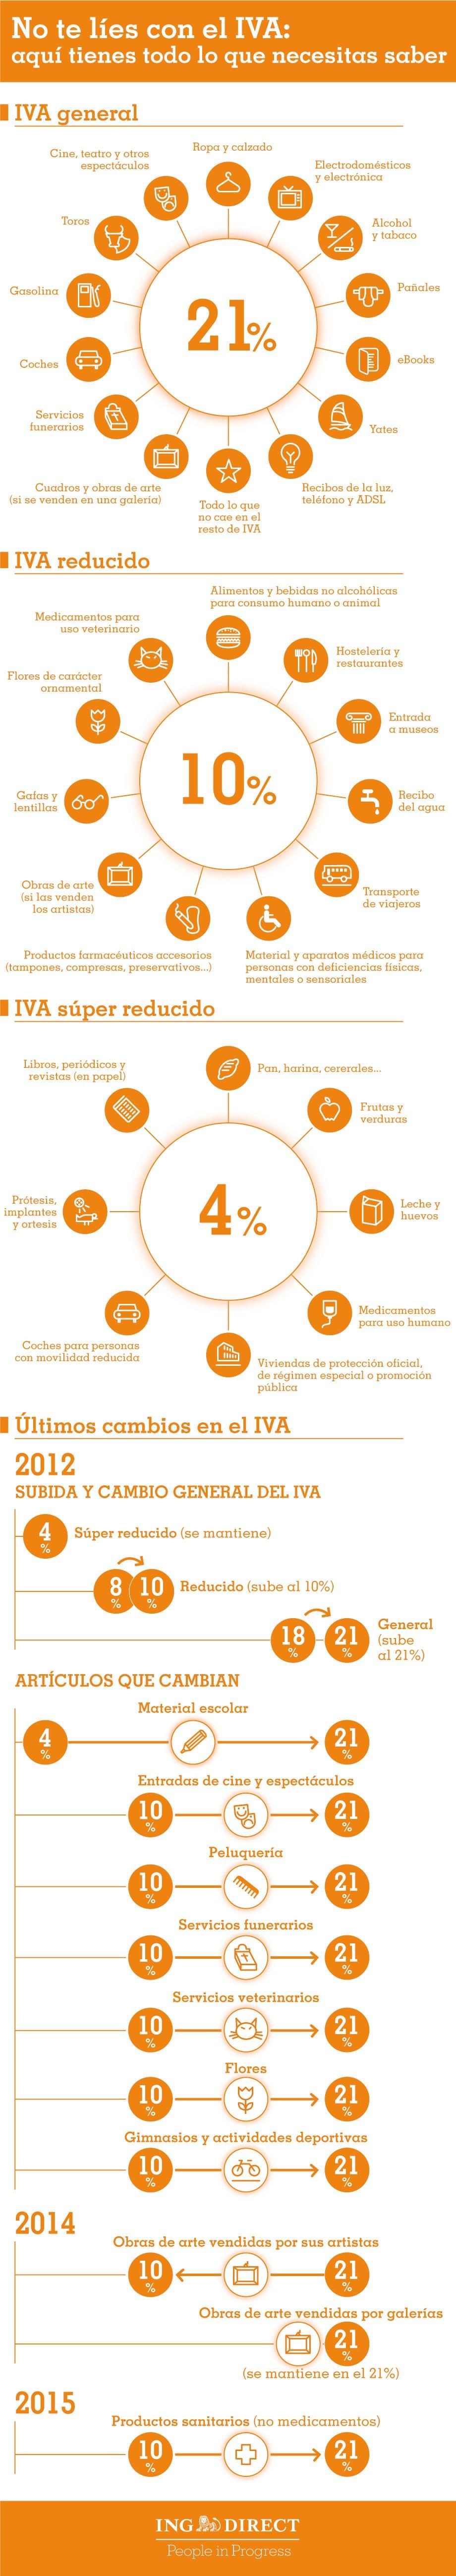 ING iva 2015